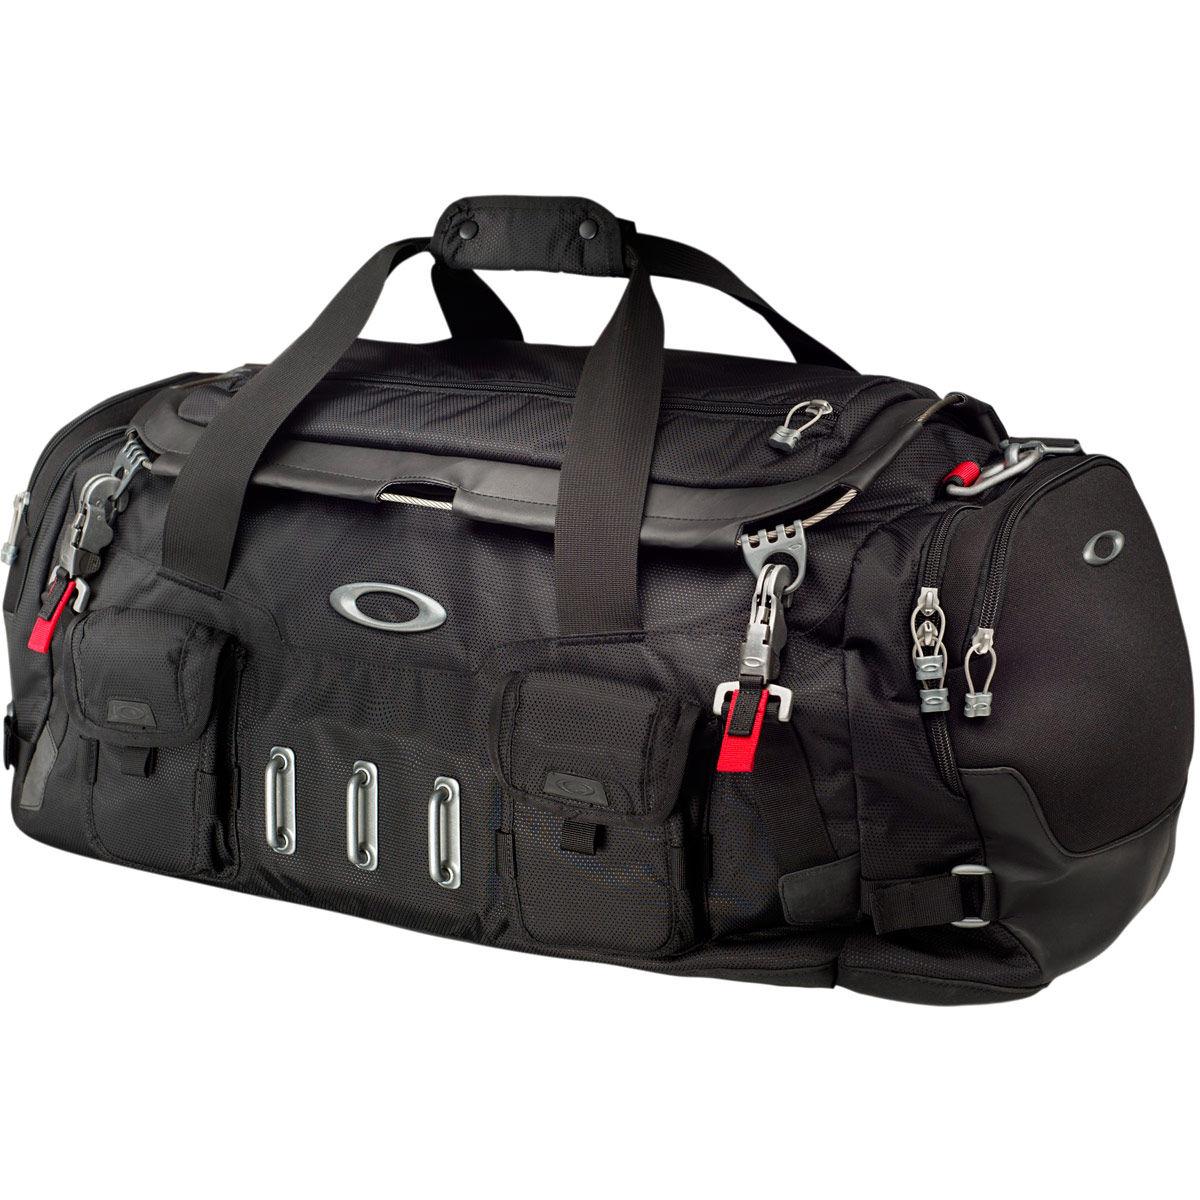 Bag Oakley Bag Organizer Images